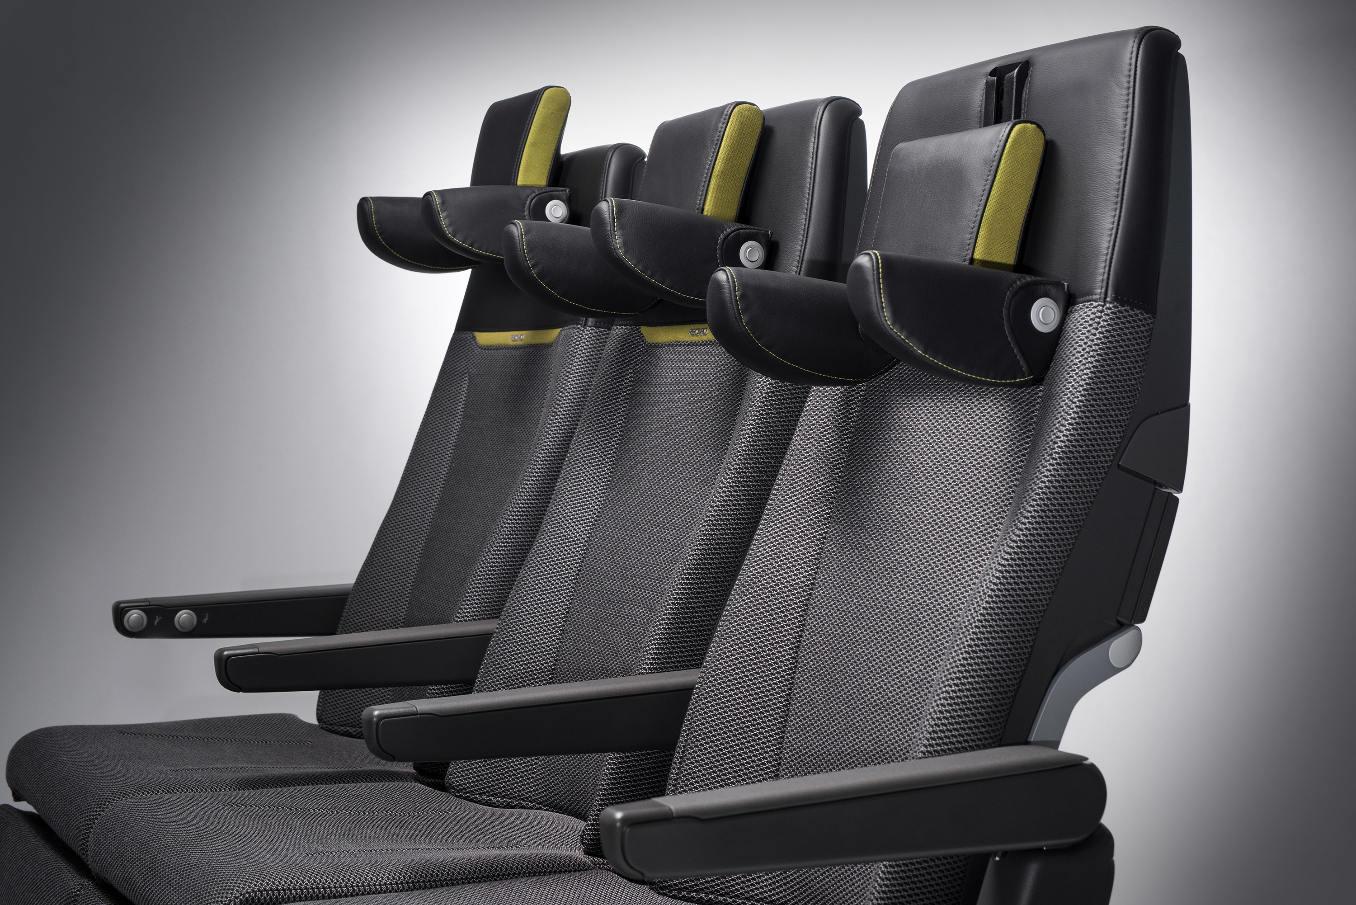 AIX 2019 : Recaro présente la nouvelle génération de son siège éco CL3710